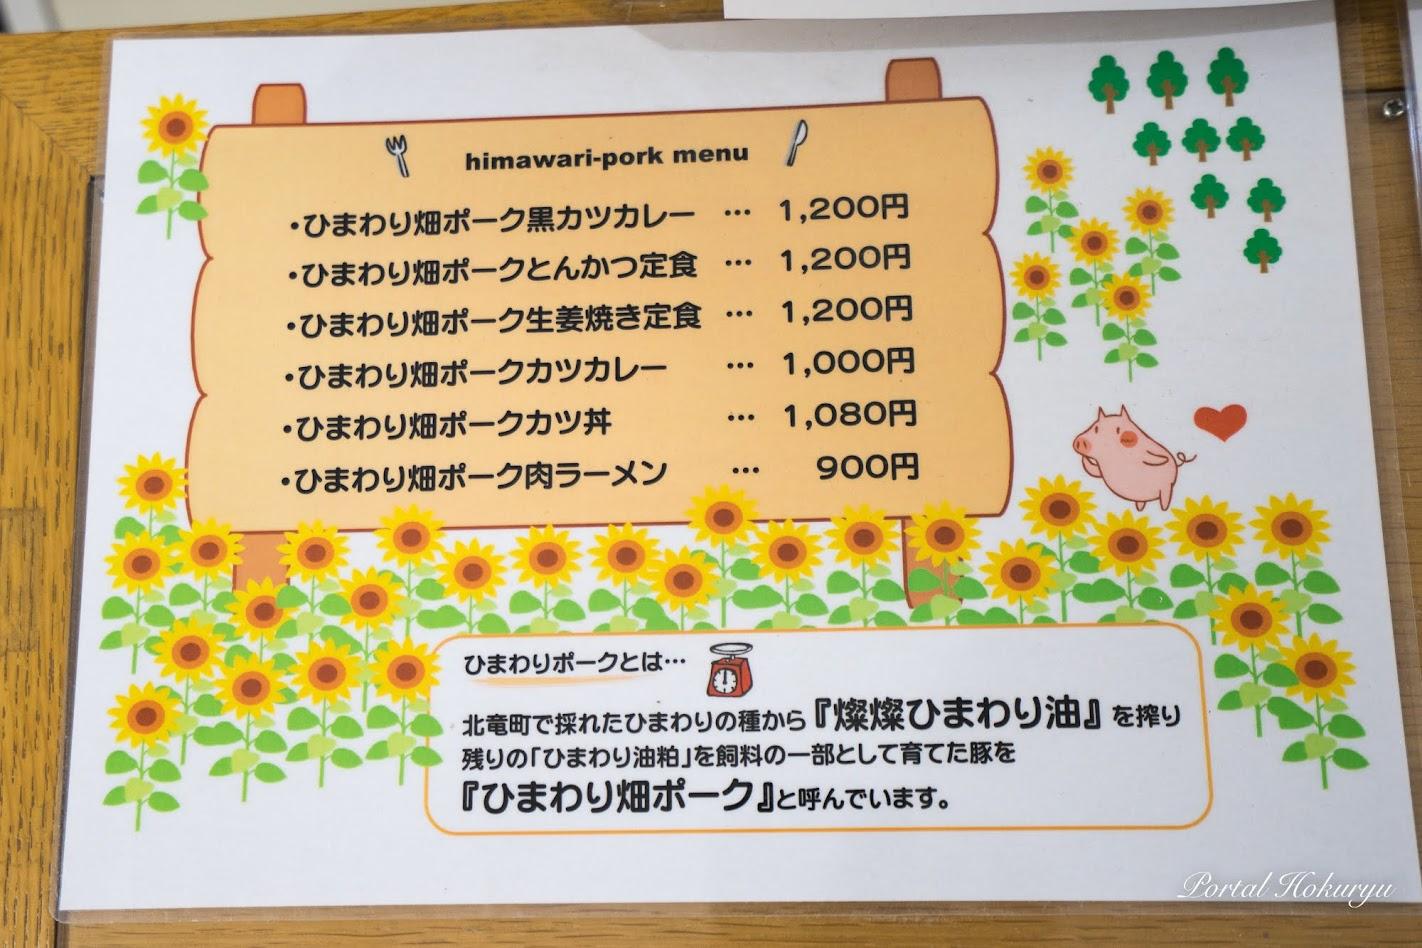 「ひまわり畑ポーク」シリーズ